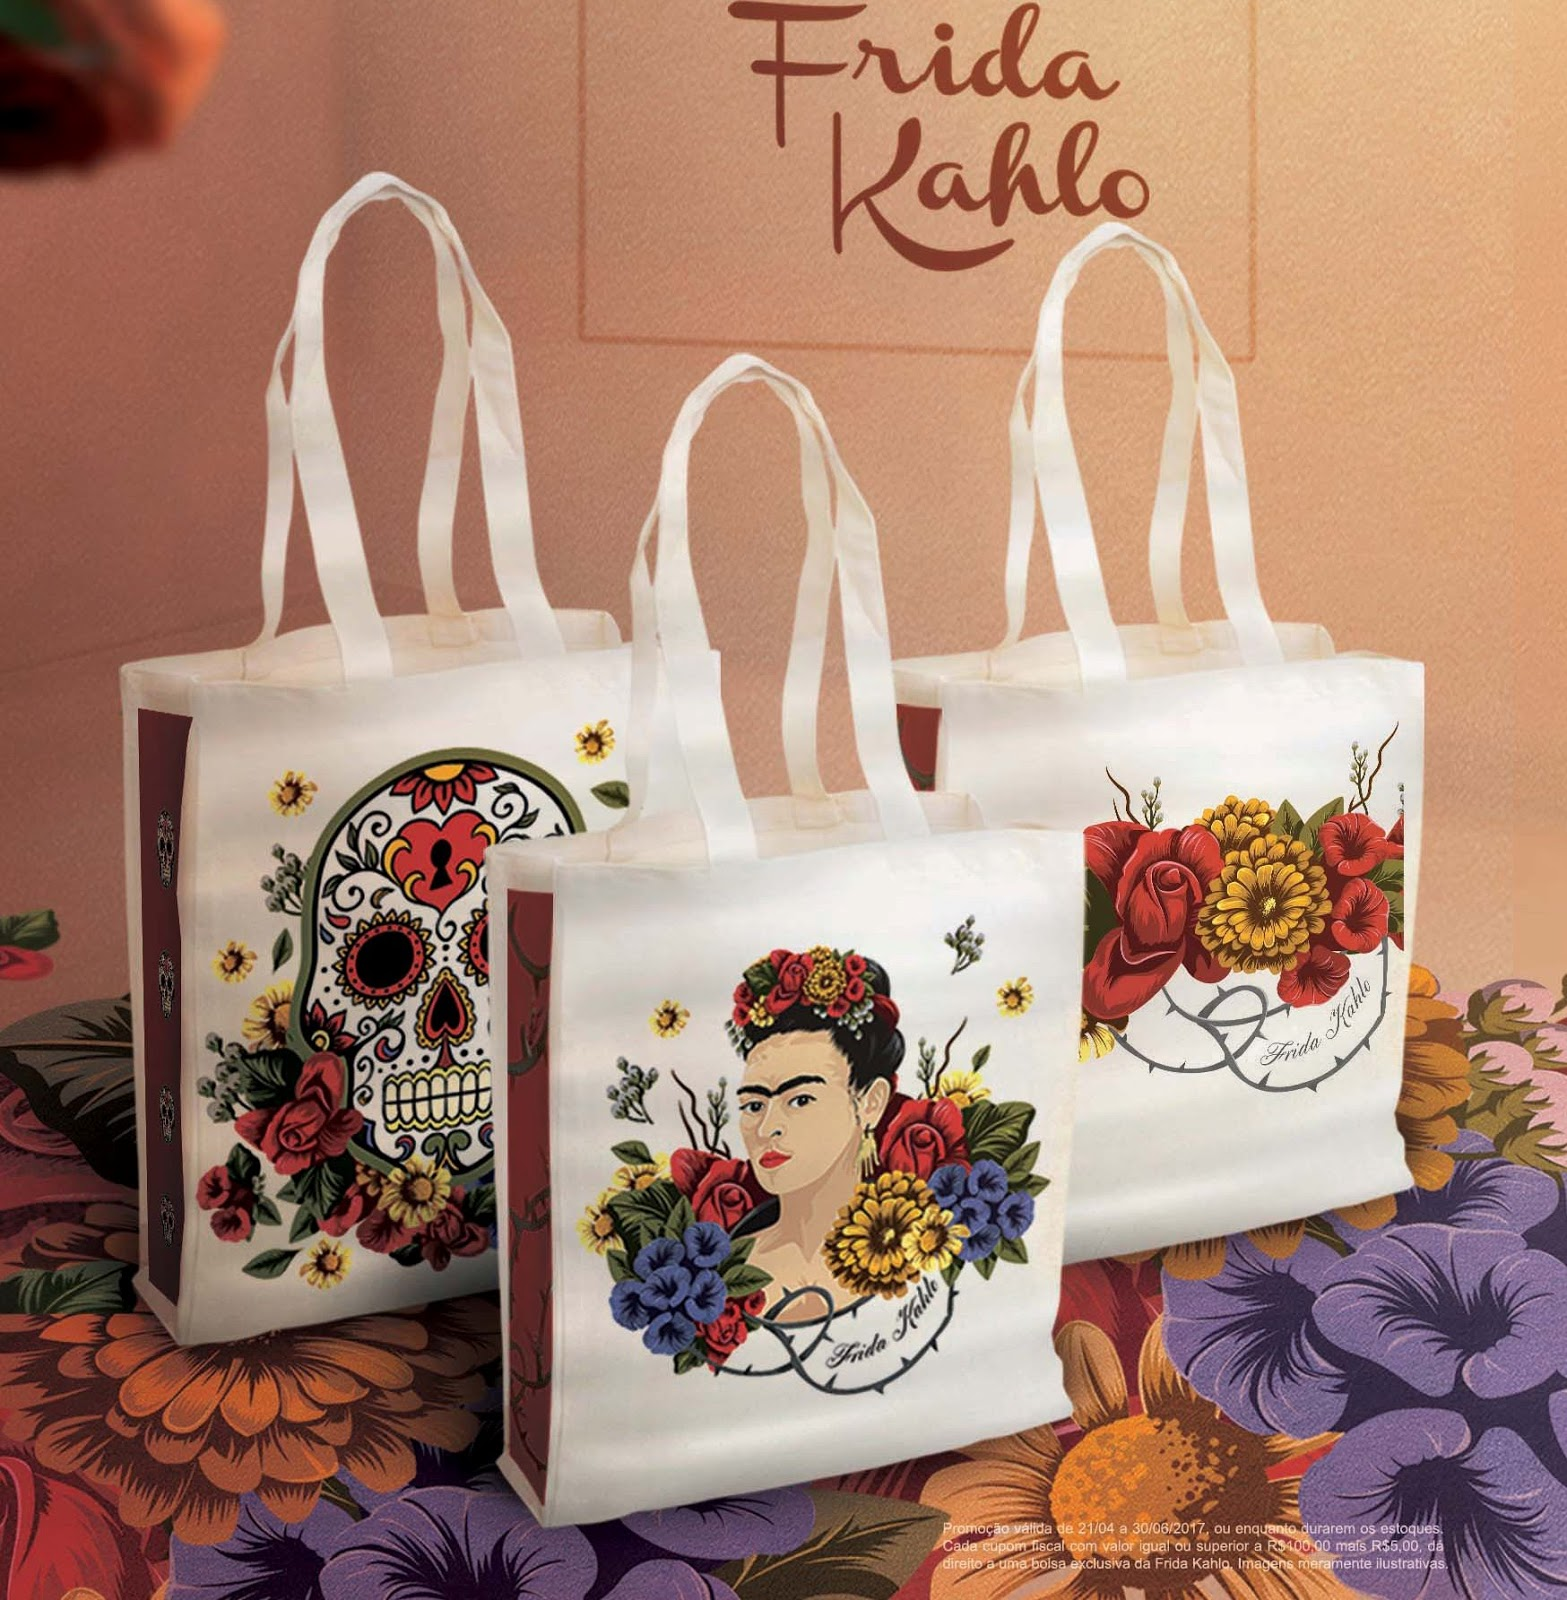 FRIDA KAHLO ESTAMPA ECOBAGS EM CAMPANHA DA LIVRARIAS CURITIBAFrida Kahlo  estampa ecobags exclusivas em campanha da Livrarias Curitiba 15594132c06